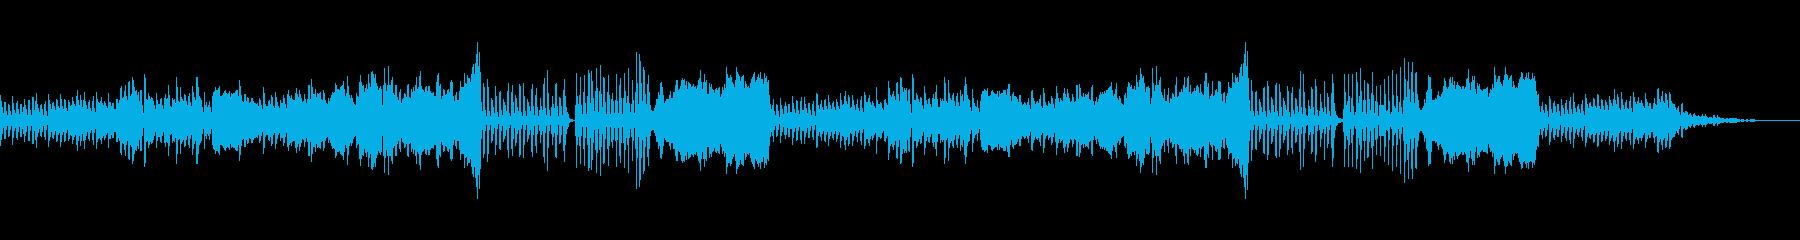 ストリングスのほんわか明るいワルツの再生済みの波形